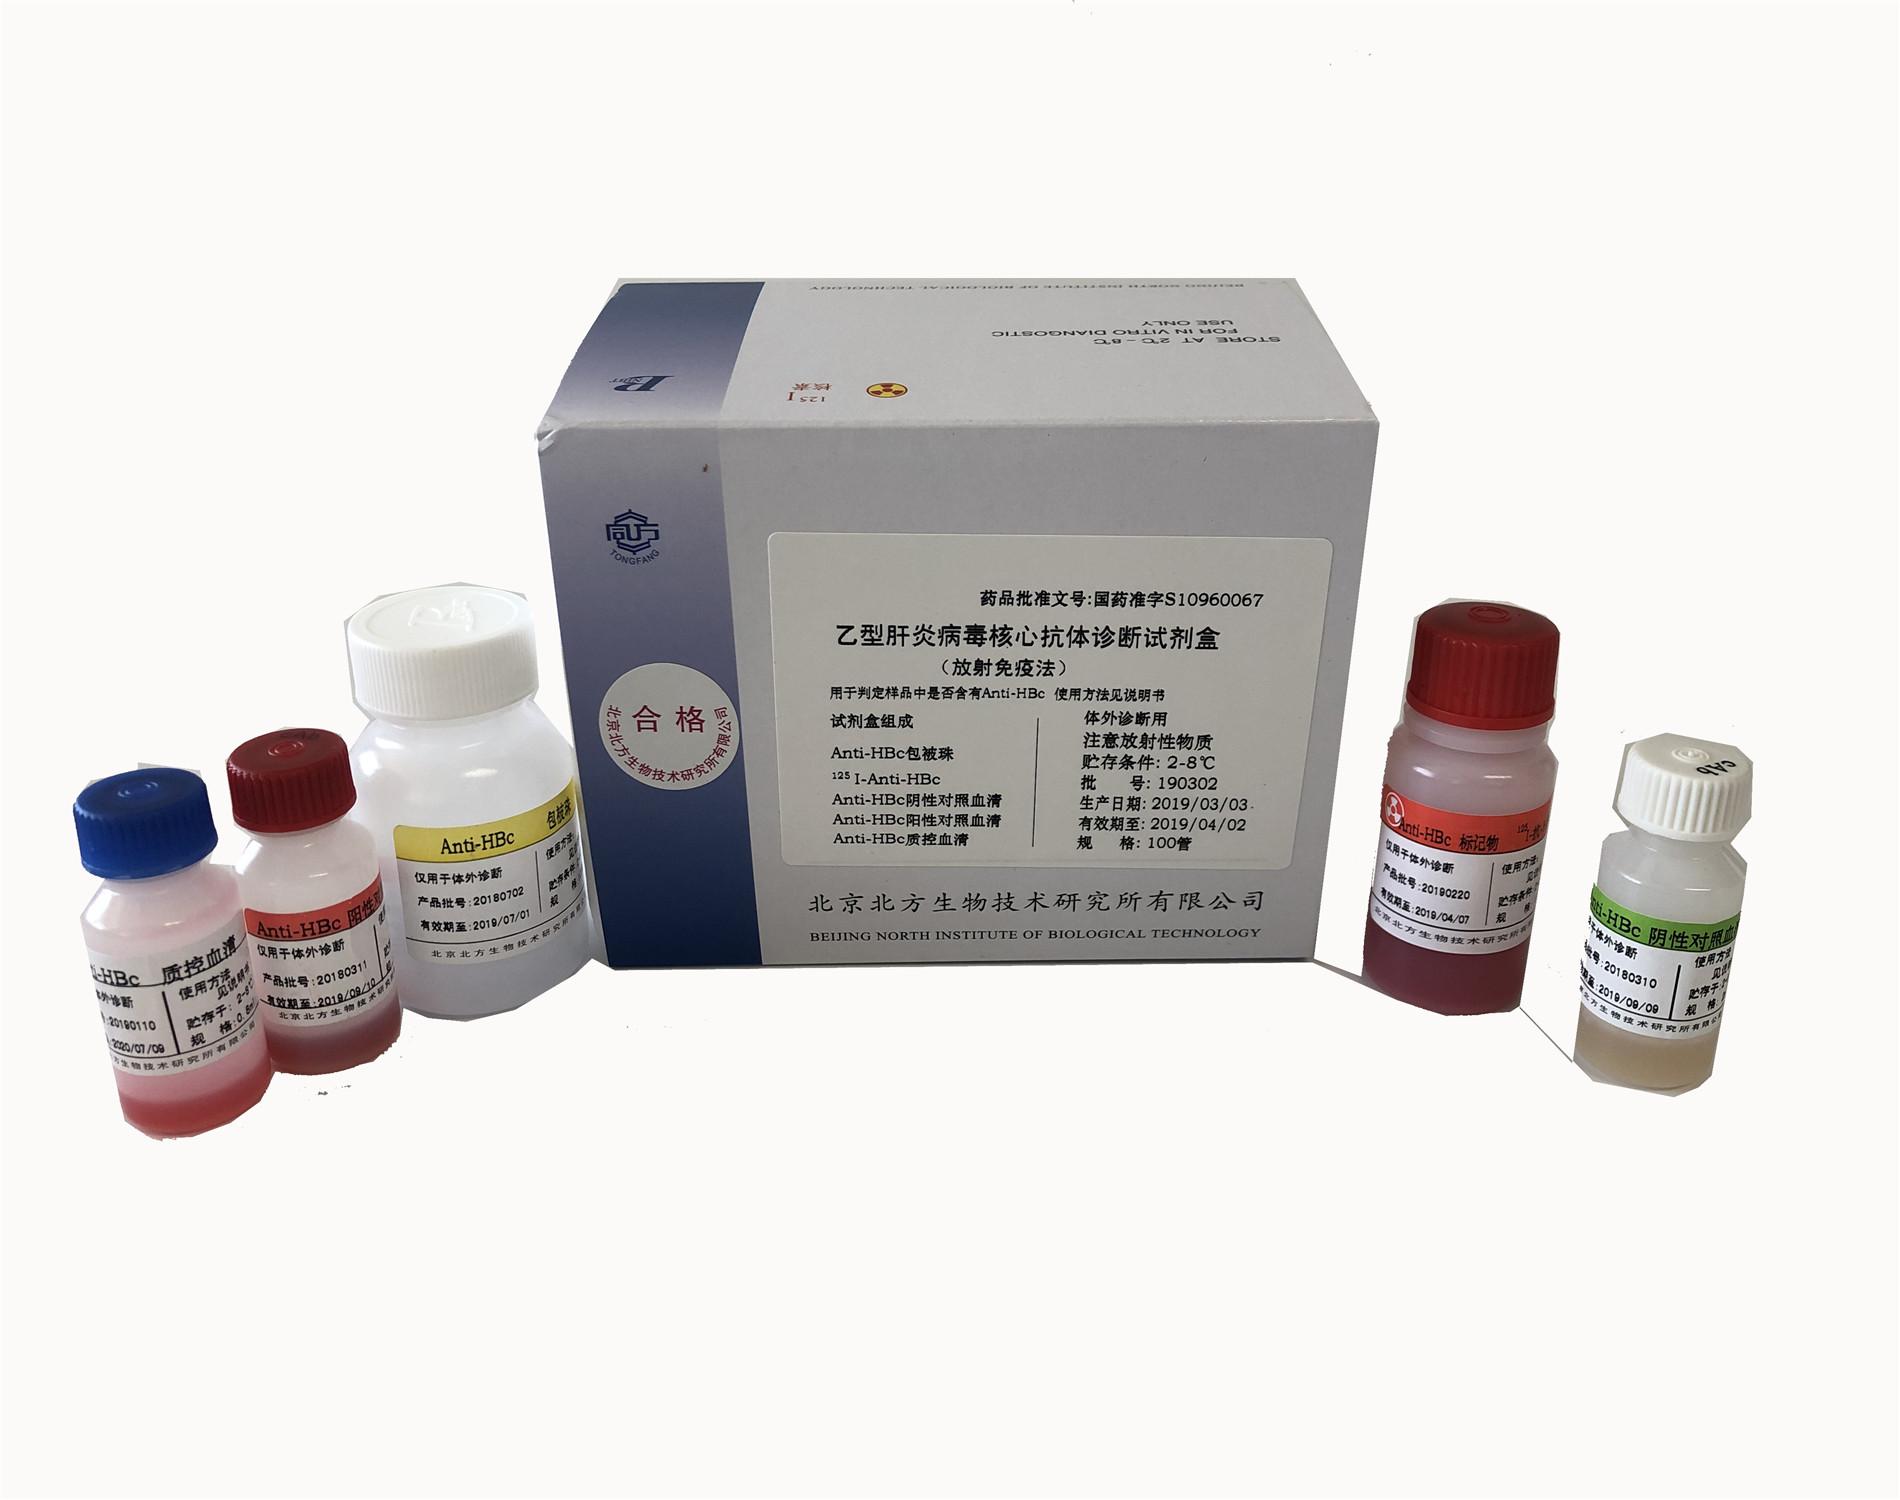 乙型肝炎病毒核心抗体诊断试剂盒(放射免疫法)